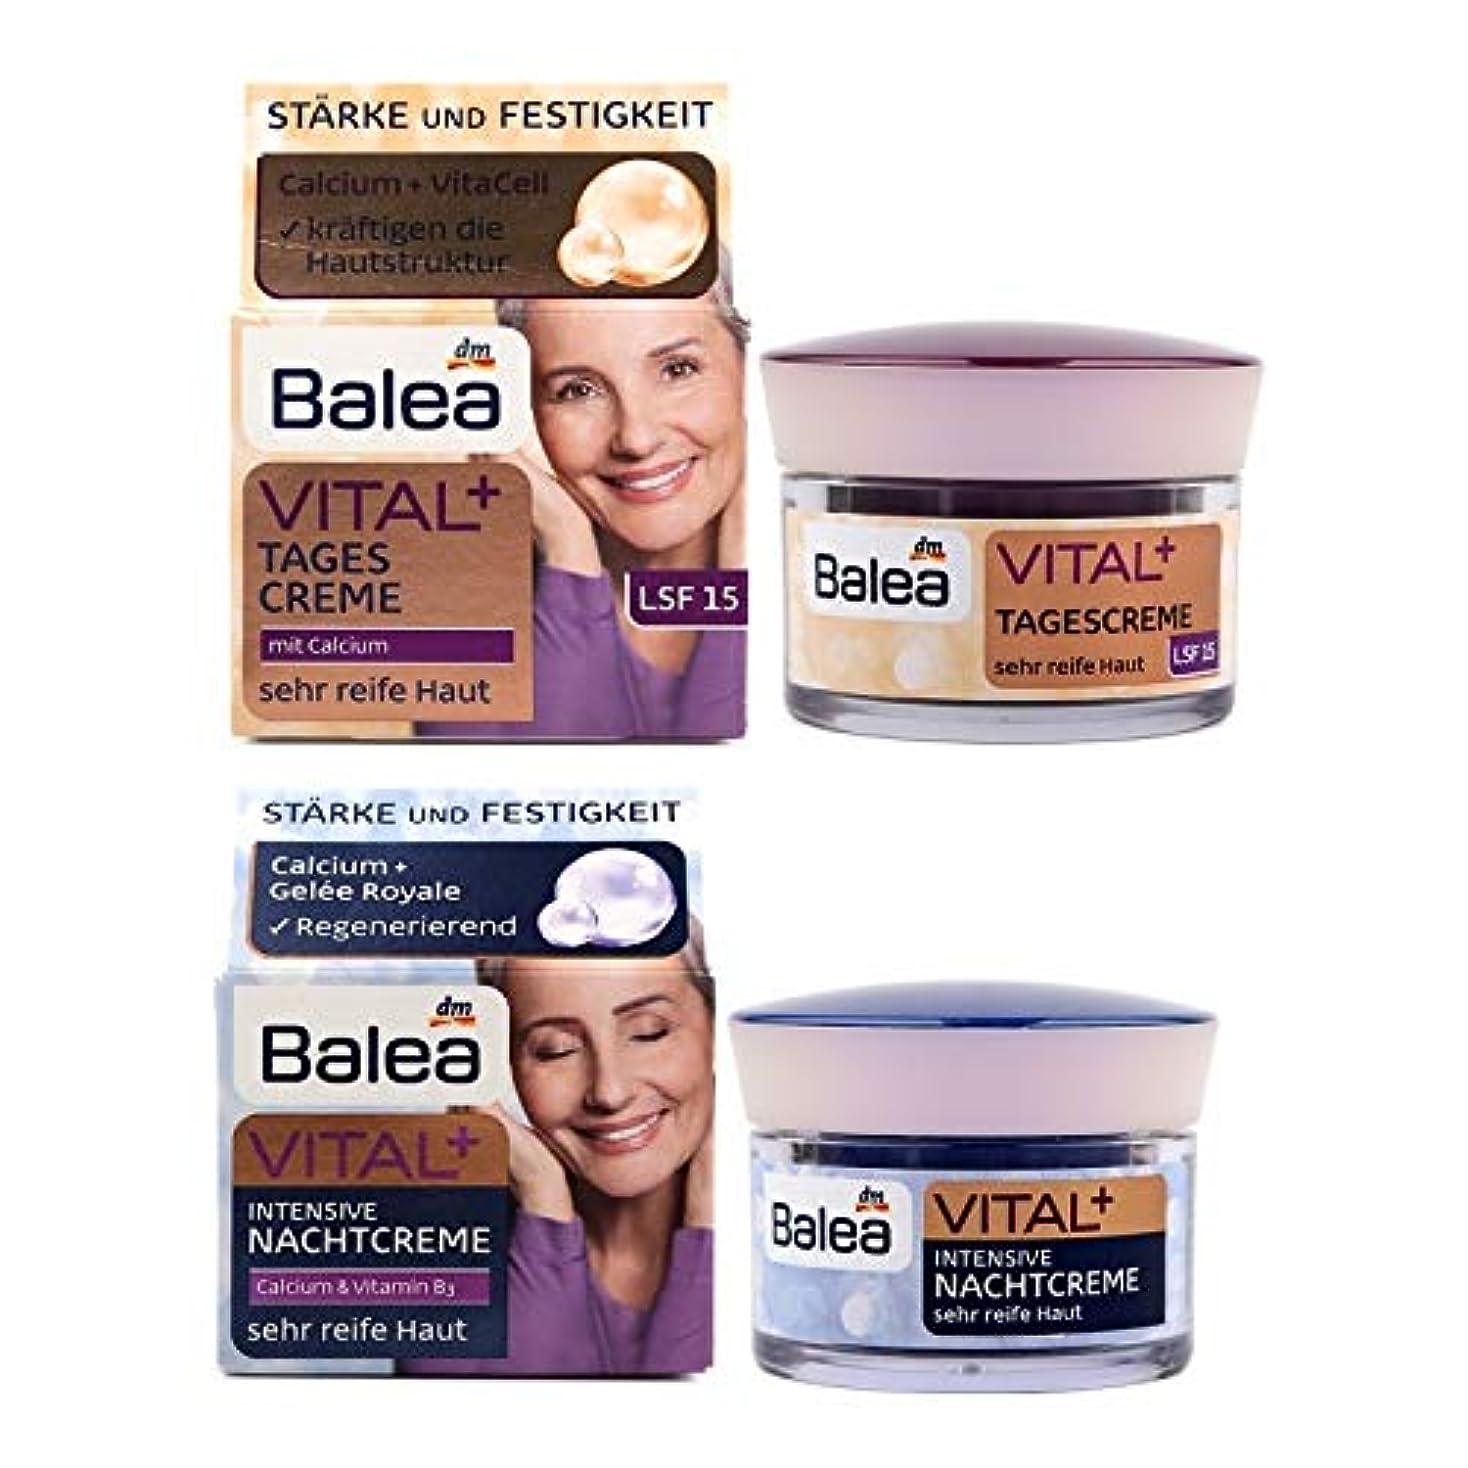 月曜組み合わせ目立つアンチリンクルを70+する旧熟女年齢55+のためのBalea VITAL +デイクリーム+ナイトクリーム弾性ファーミングを強化